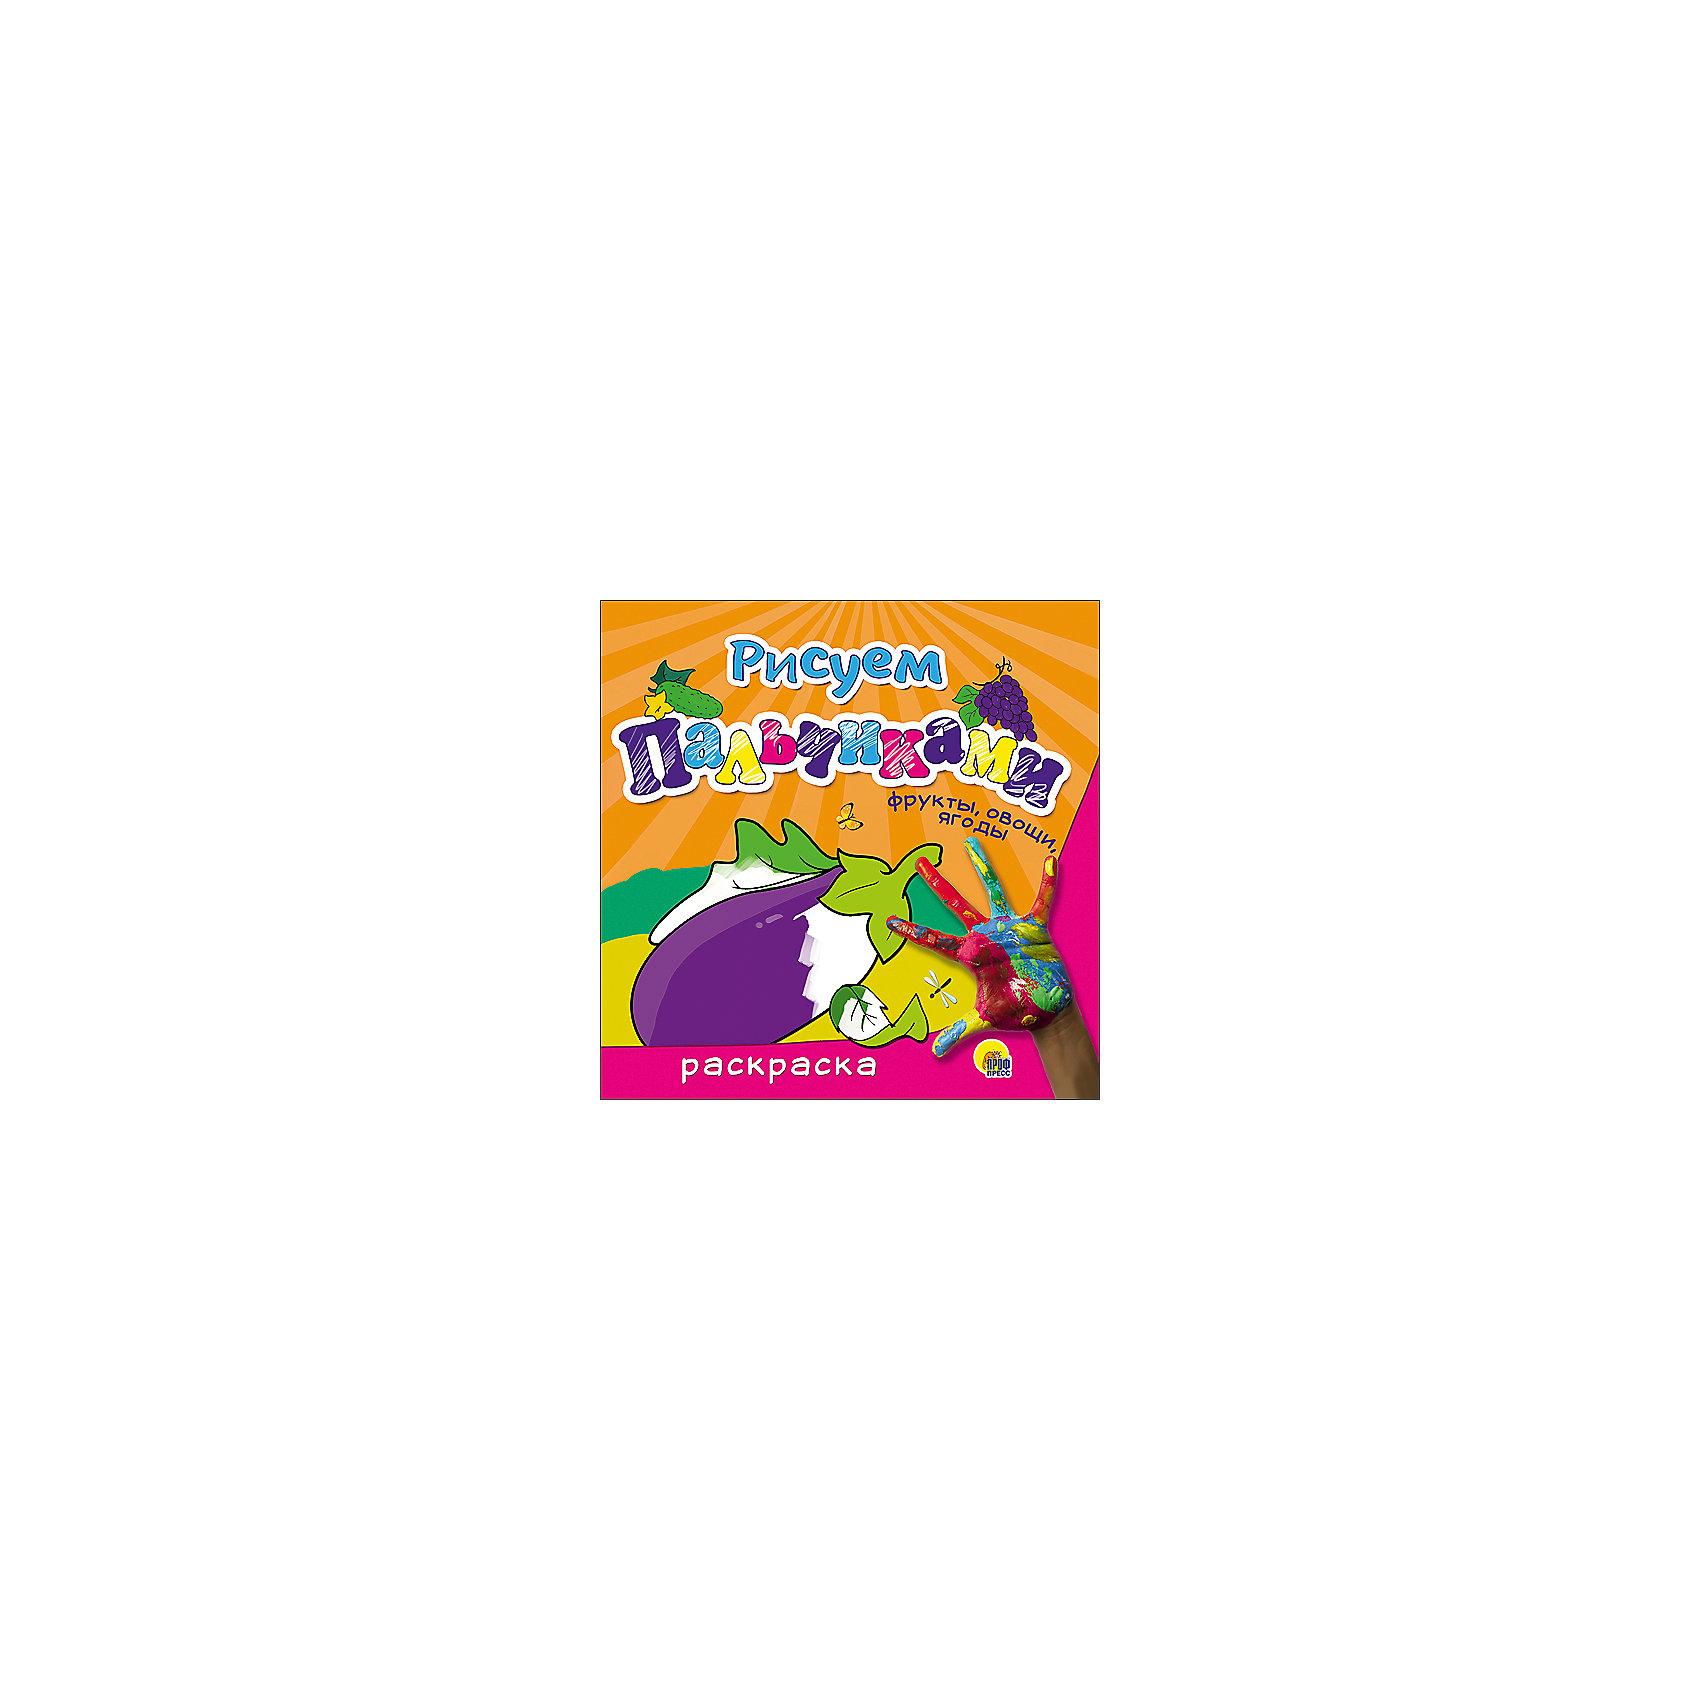 Рисуем пальчиками. Фрукты, овощи, ягодыФрукты. Овощи. Ягоды - книжка-раскраска из серии Рисуем пальчиками создана специально для юных художников. Крупные картинки с обведенным контуром малышу предстоит раскрасить, используя свою фантазию. Такая раскраска прекрасно развивает мелкую моторику и творческое воображение. Замечательный подарок для самых маленьких!<br>Дополнительная информация:<br>Издательство: Проф-Пресс<br>Год выпуска: 2016<br>Серия: Рисуем пальчиками<br>Обложка: мягкая<br>Иллюстрации: цветные<br>Количество страниц: 12<br>ISBN:978-5-378-26225-0<br>Размер: 24,5х0,1х24,5 см<br>Вес: 330грамм<br>Книжку-раскраску Фрукты. Овощи. Ягоды вы можете купить в нашем интернет-магазине.<br><br>Ширина мм: 245<br>Глубина мм: 1<br>Высота мм: 160<br>Вес г: 330<br>Возраст от месяцев: 0<br>Возраст до месяцев: 36<br>Пол: Унисекс<br>Возраст: Детский<br>SKU: 4905919